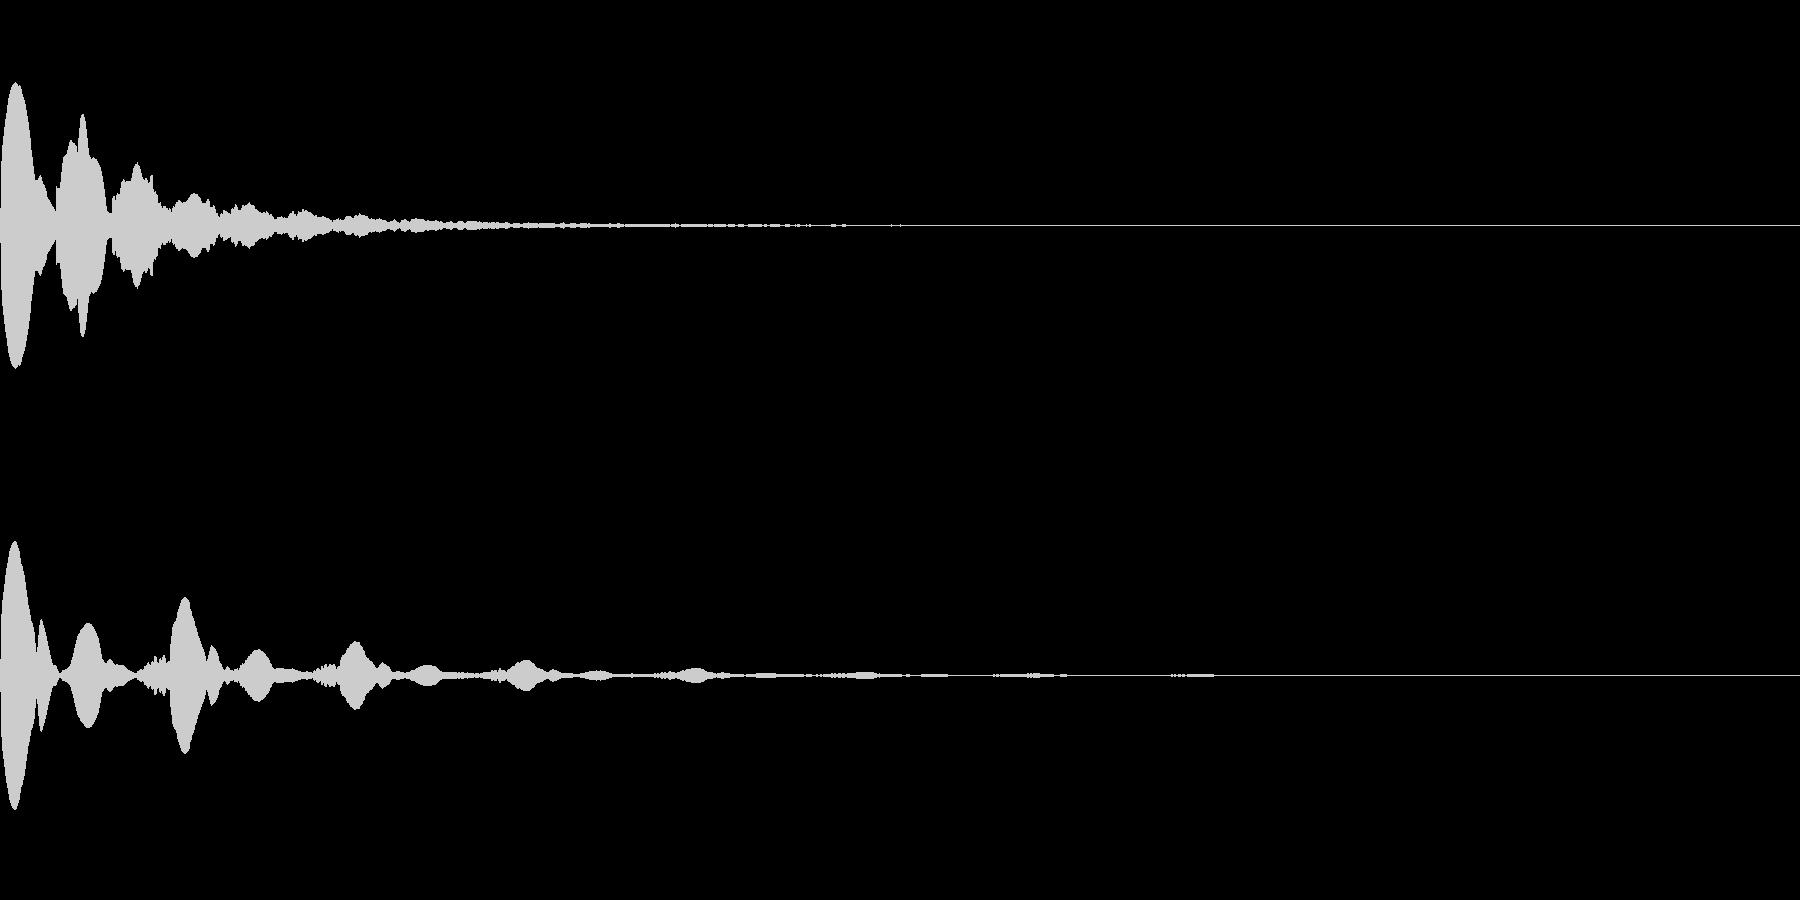 ピピピ音(場面転換や緊迫感を出す)の未再生の波形